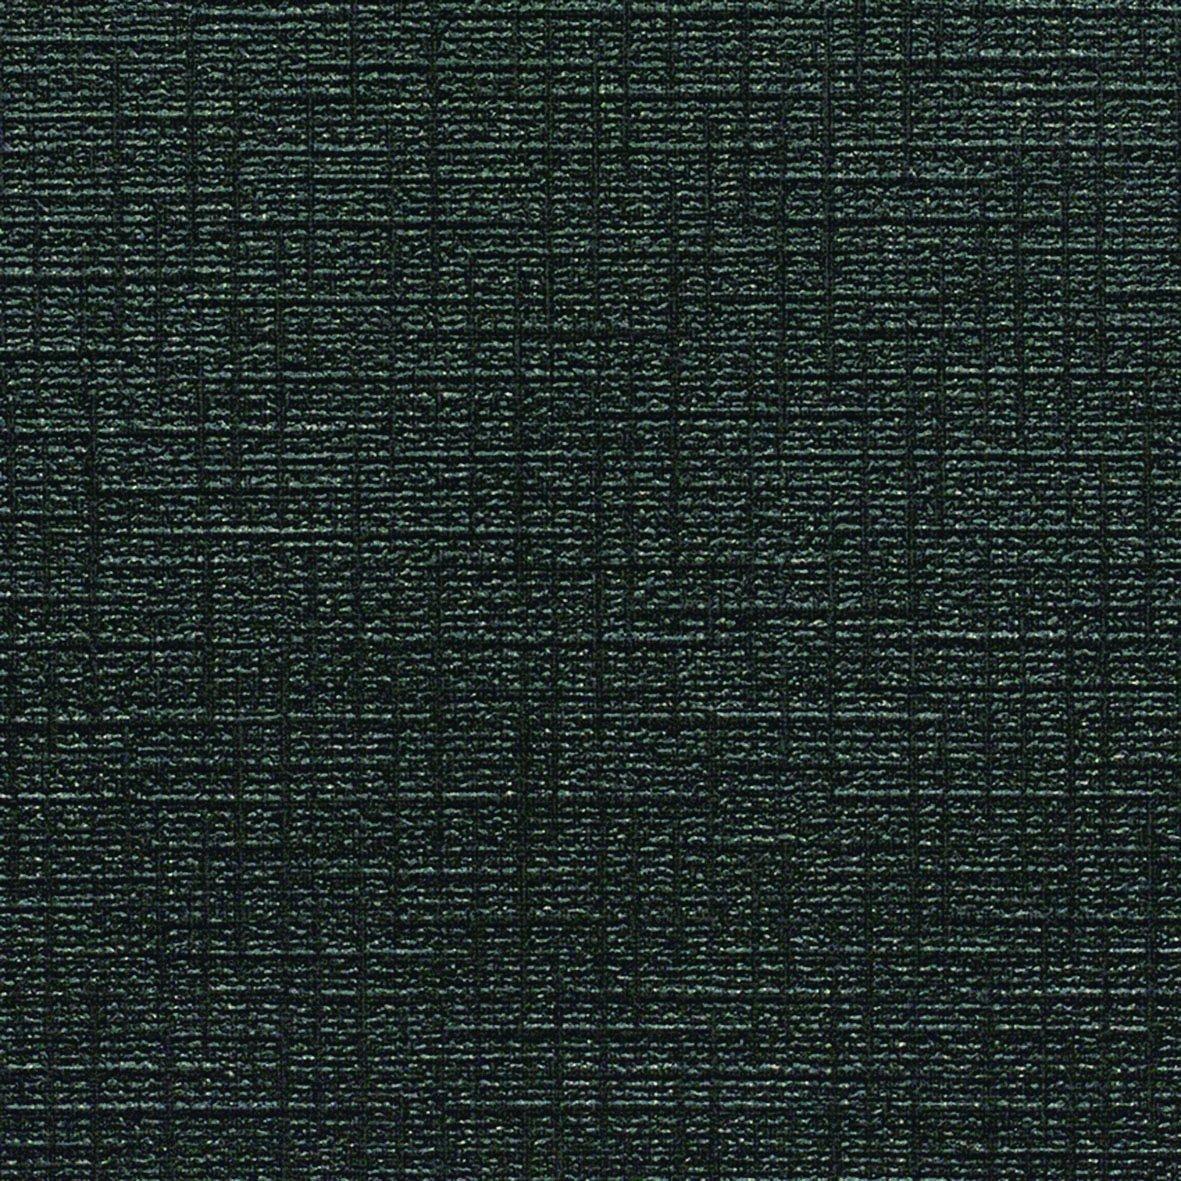 リリカラ 壁紙50m ナチュラル 織物調 ブラック LL-8389 B01N062ZM8 50m|ブラック